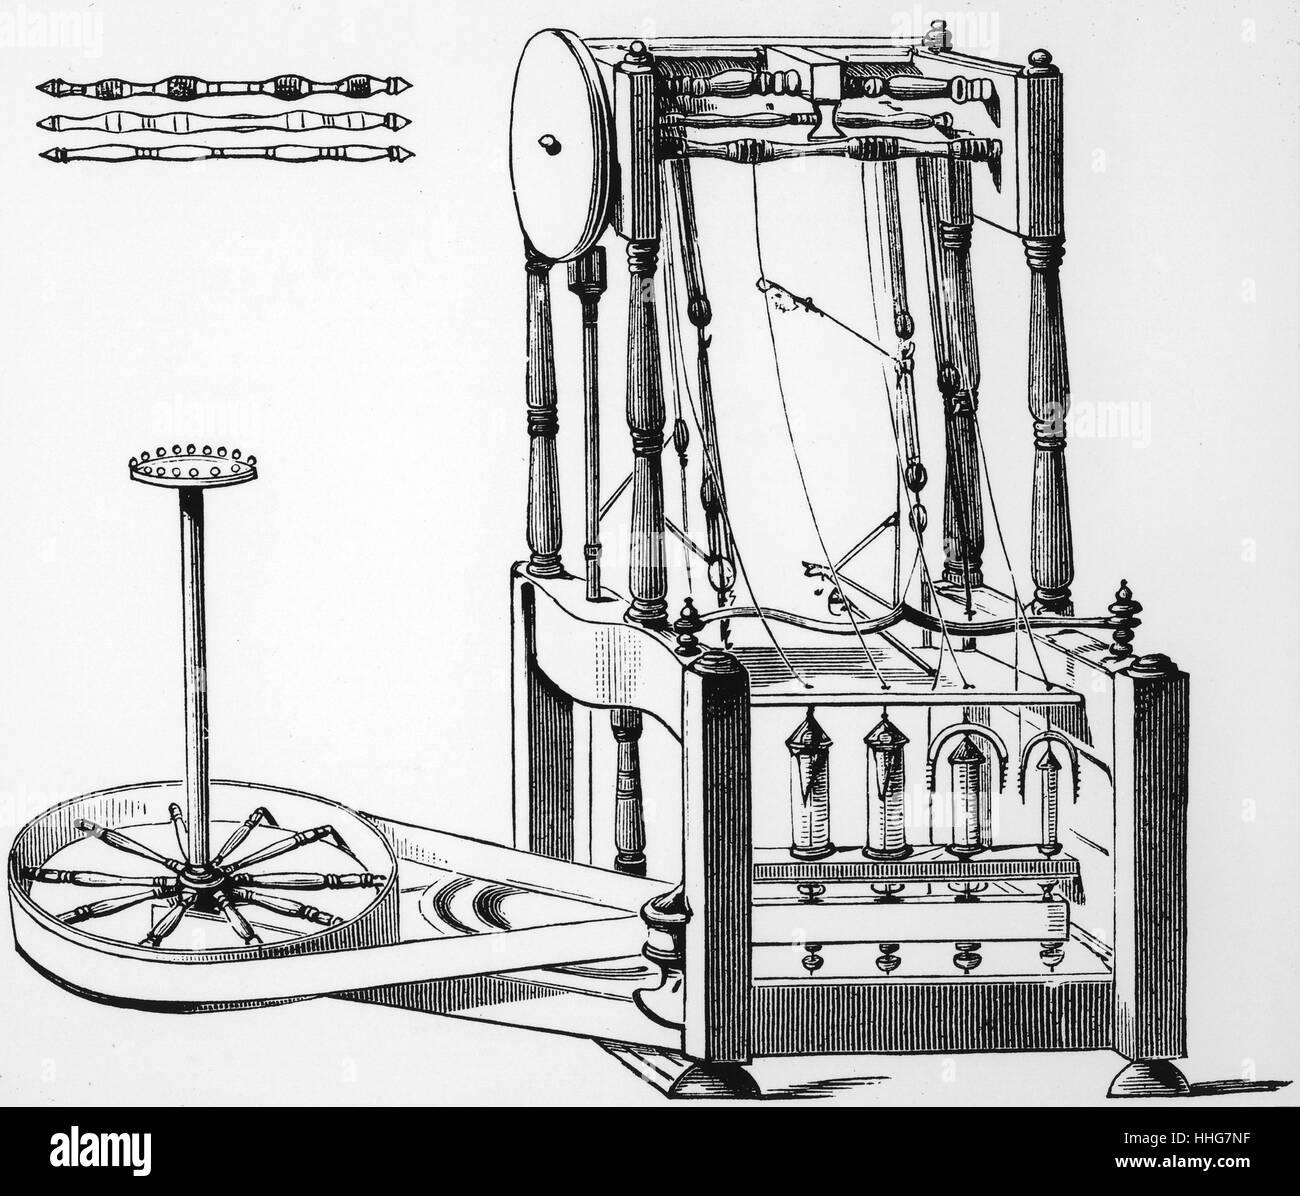 Abbildung Darstellung Arkwrights Wasser Frame Spinnmaschine ...